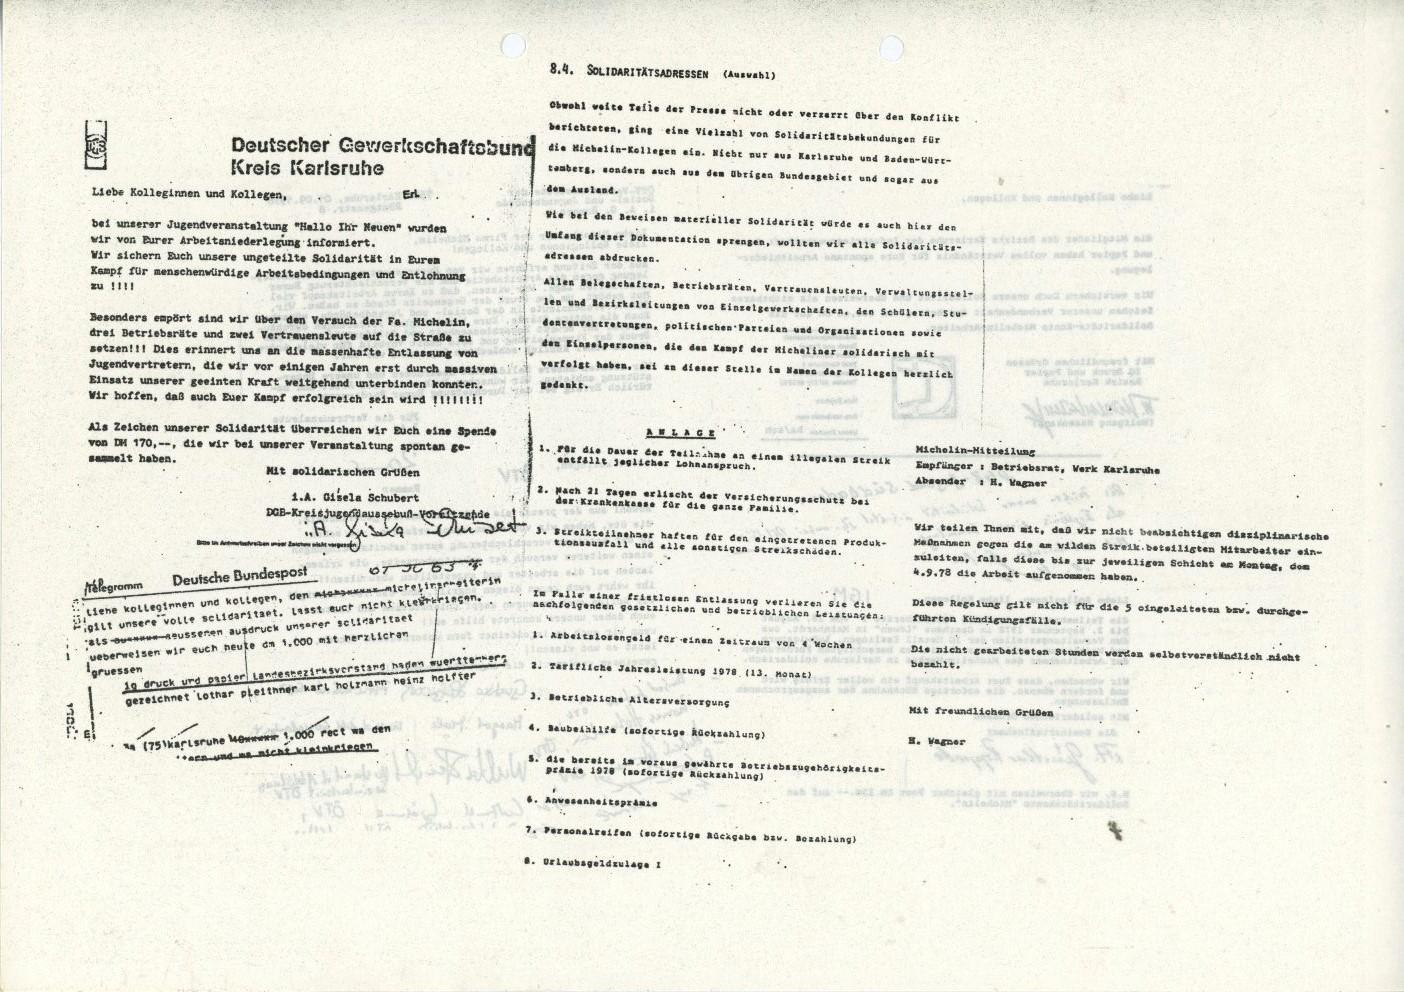 Karlsruhe_Michelin_IGCPK_Doku_zum_Arbeitskonflikt_1978_31